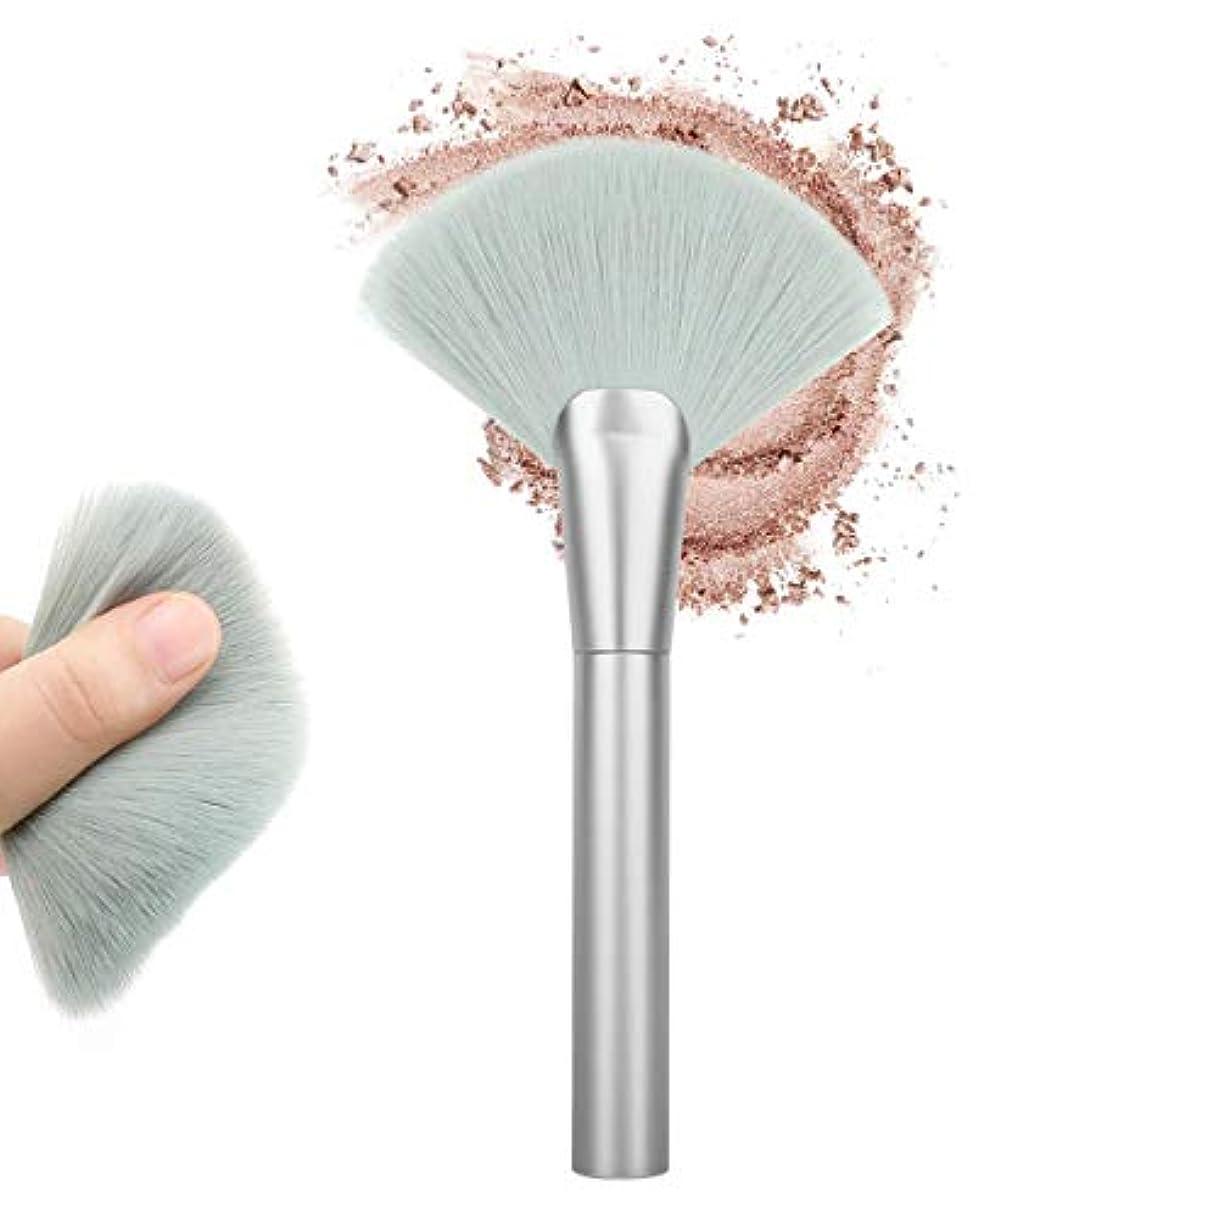 側概念トピックLuxspire メイクブラシ 化粧 ブラシ 1本 ファンデーションブラシ シャドウ フェイスブラシ 高級 化粧筆 扇形 ふわふわ 敏感肌適用 高級タクロン 清らか 緑銀色